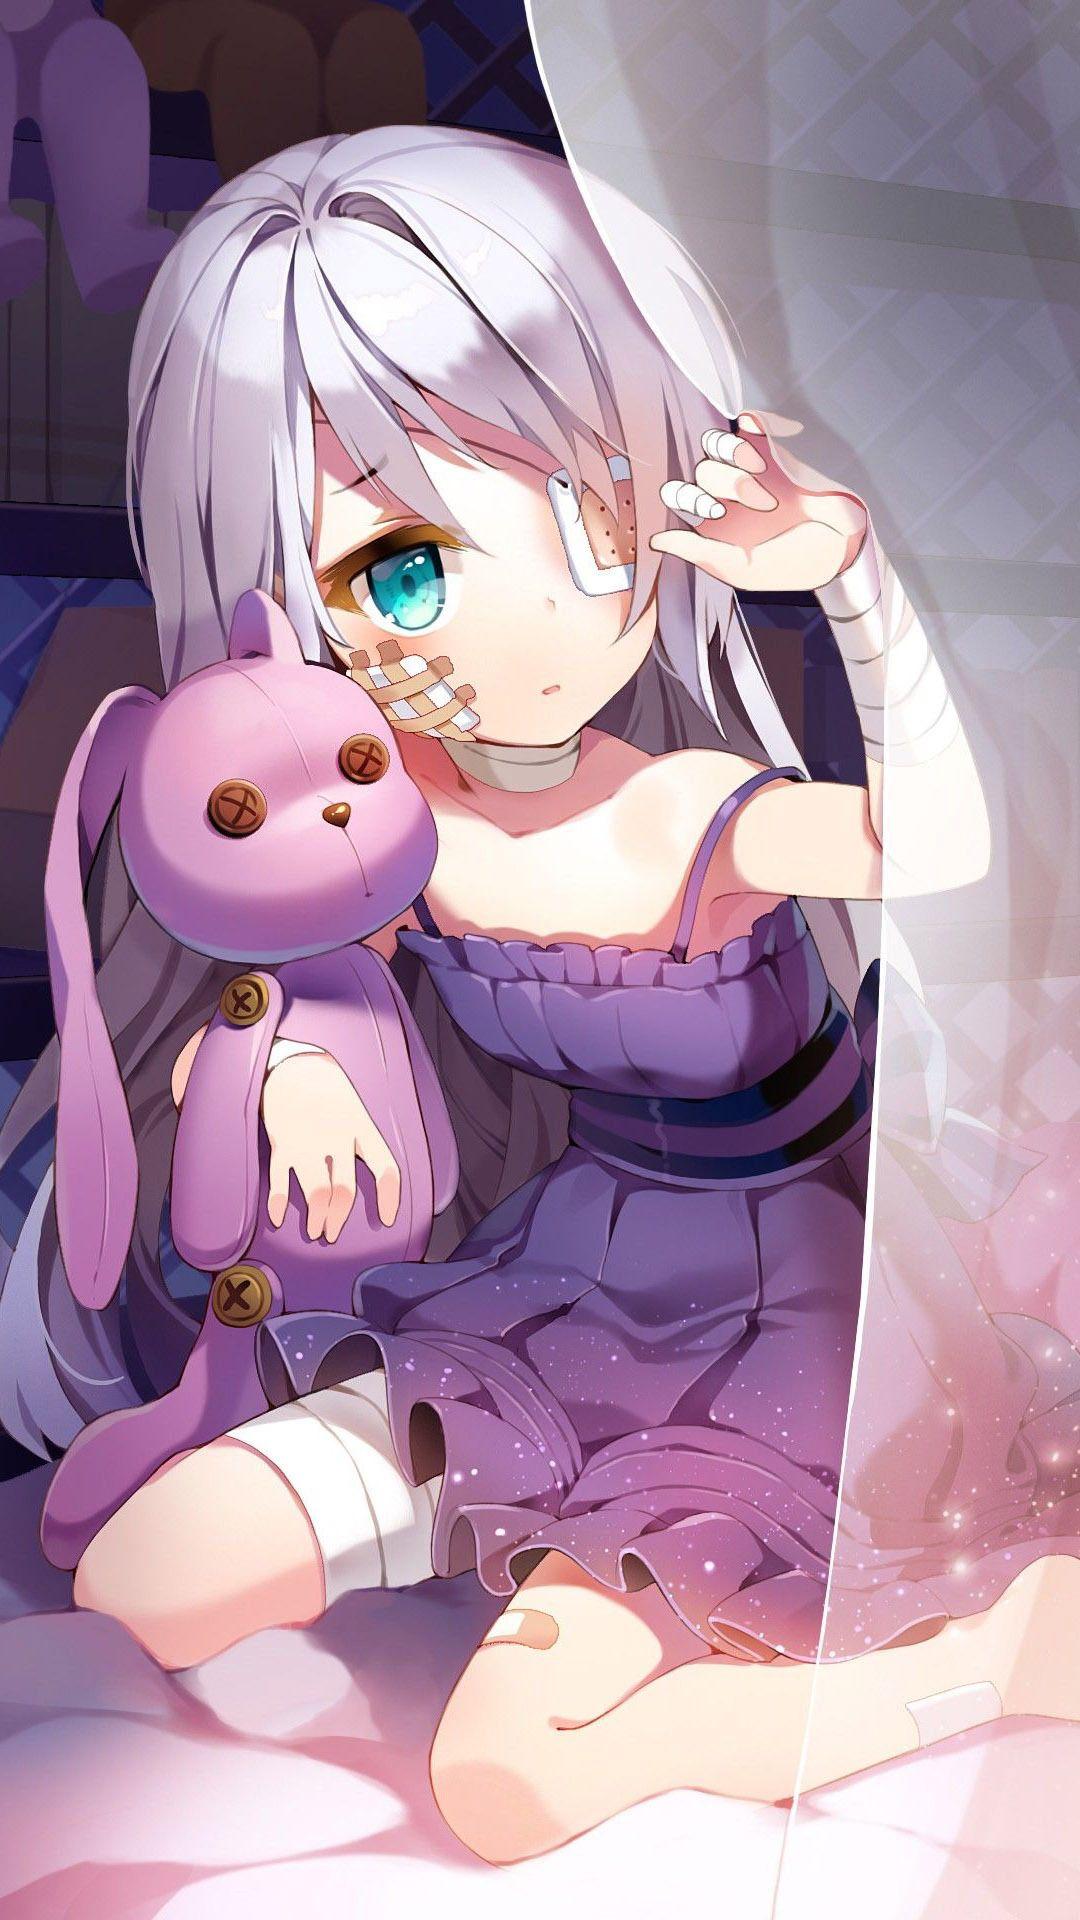 Iri Flina Sword Girls Mobile Wallpaper 6499 Anime